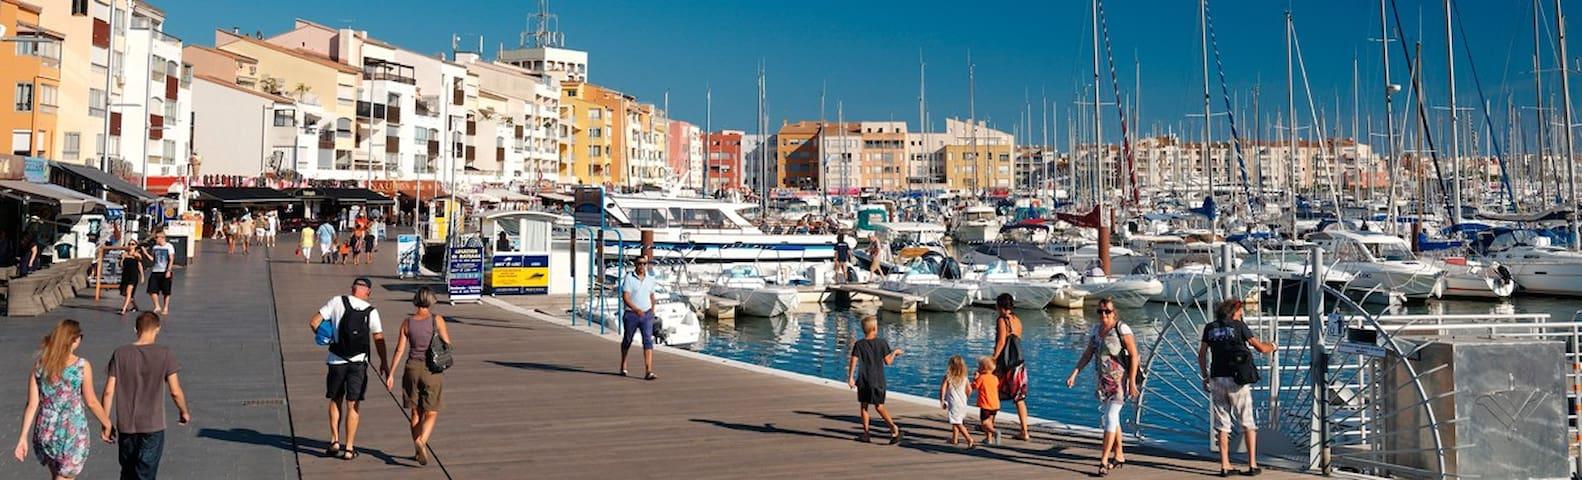 Le Cap Soleil - Agde